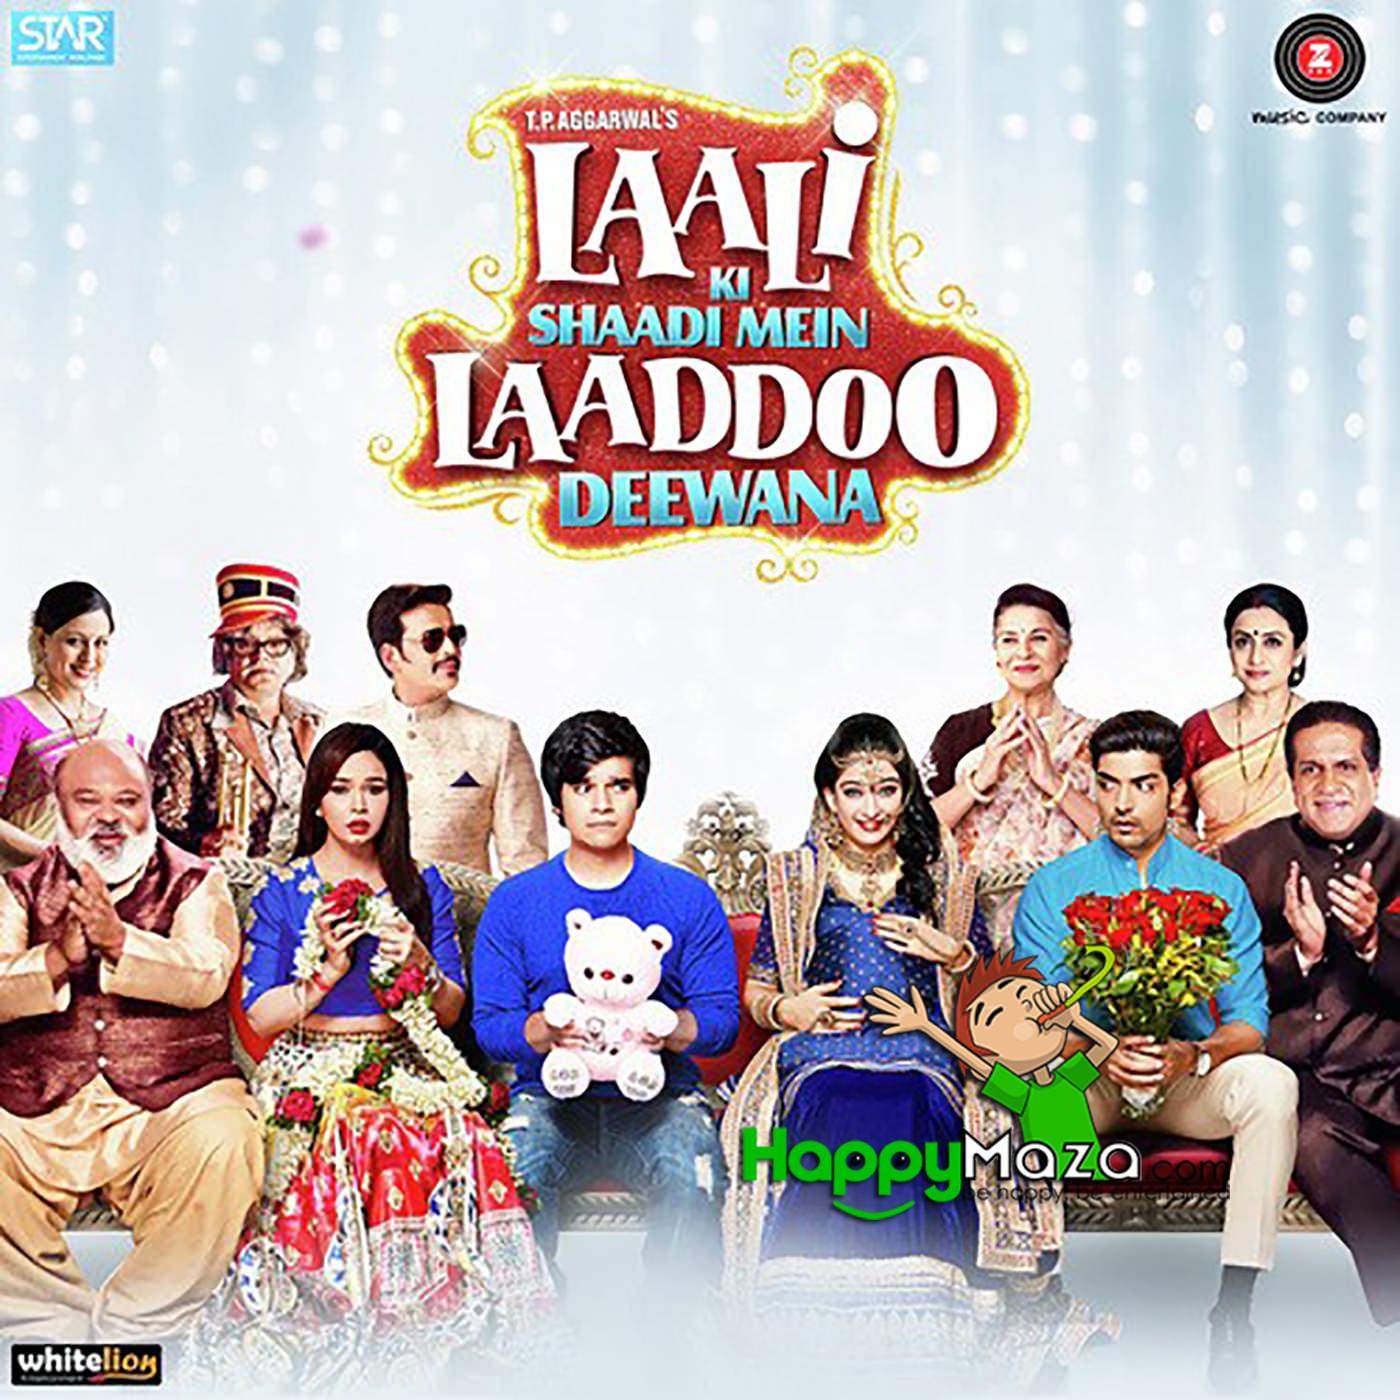 Sakhyan Song: Laali Ki Shaadi Mein Laaddoo